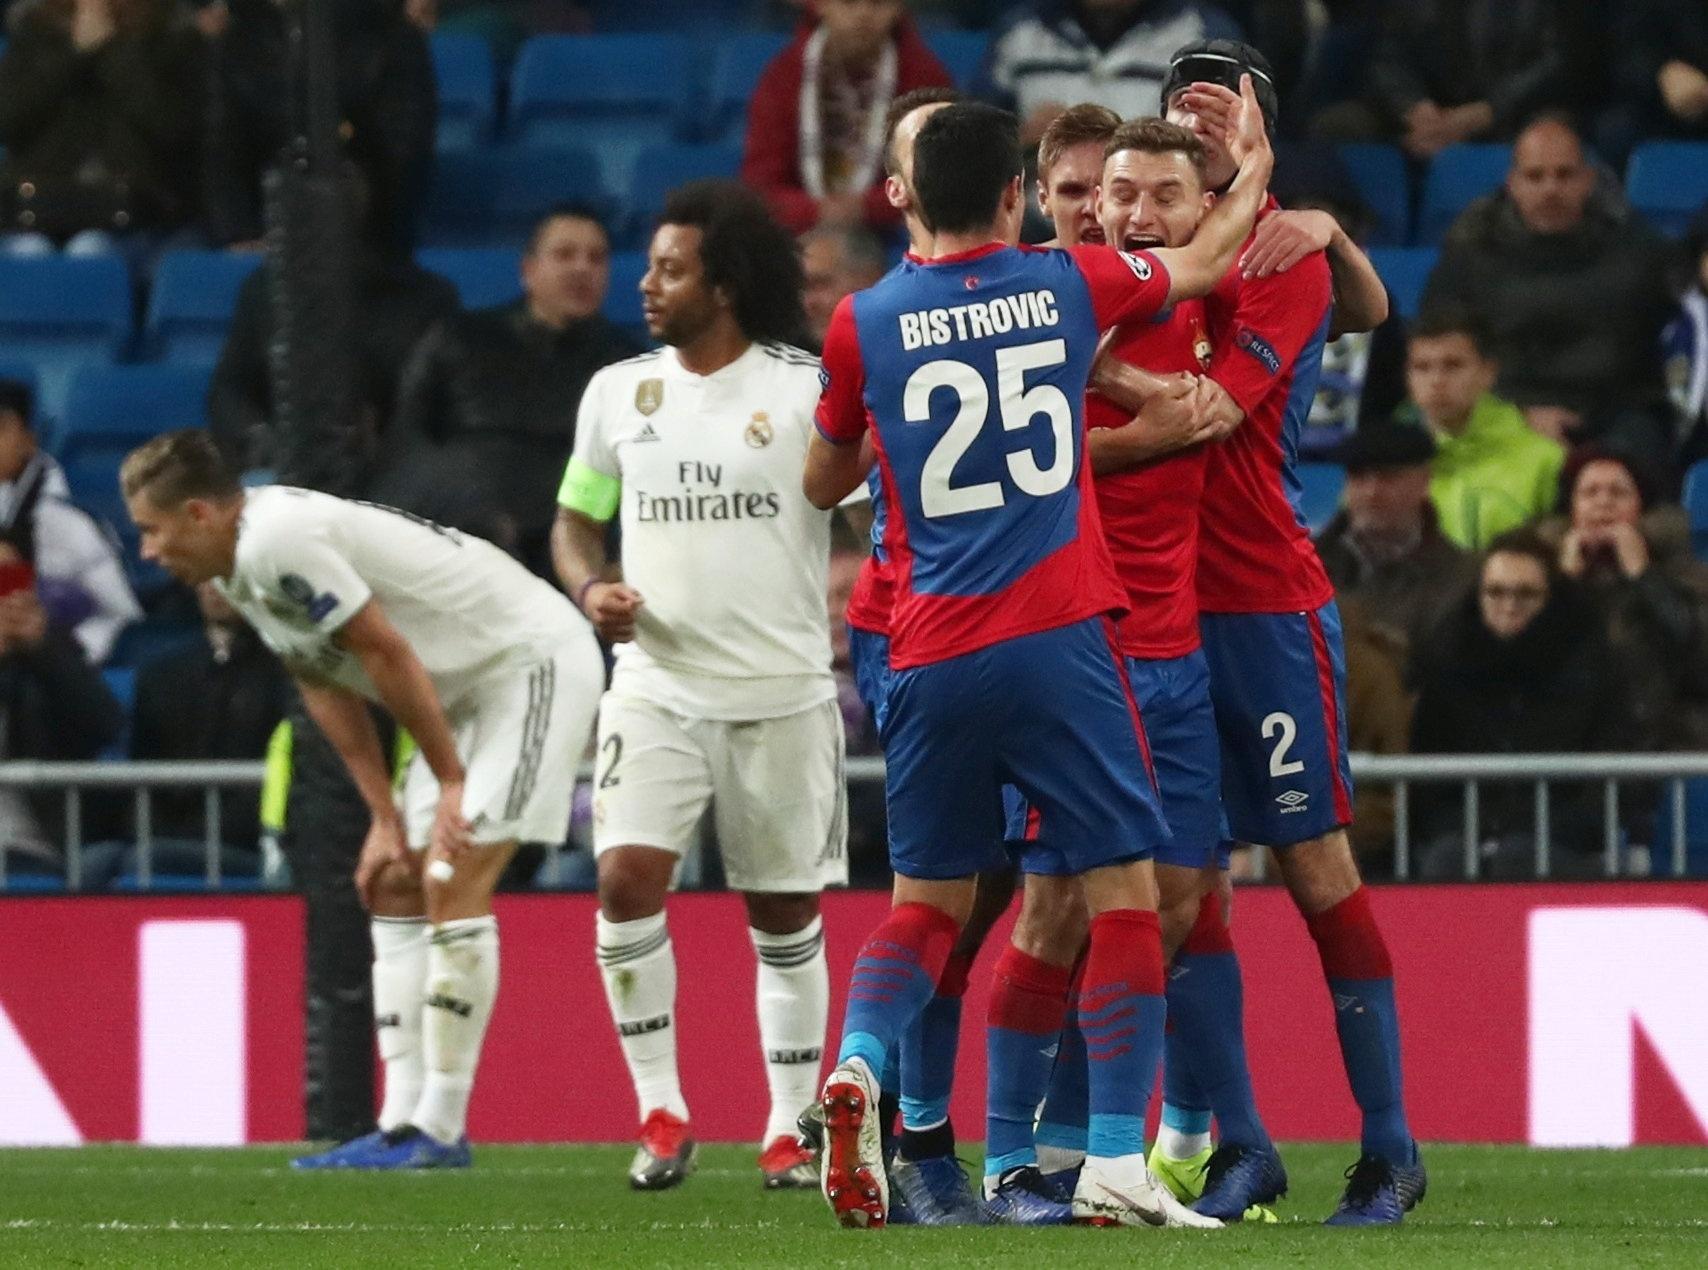 c40d43d390e5d CSKA faz 3 no Real em estreia de Vinicius Junior como titular na Champions  - 12 12 2018 - UOL Esporte